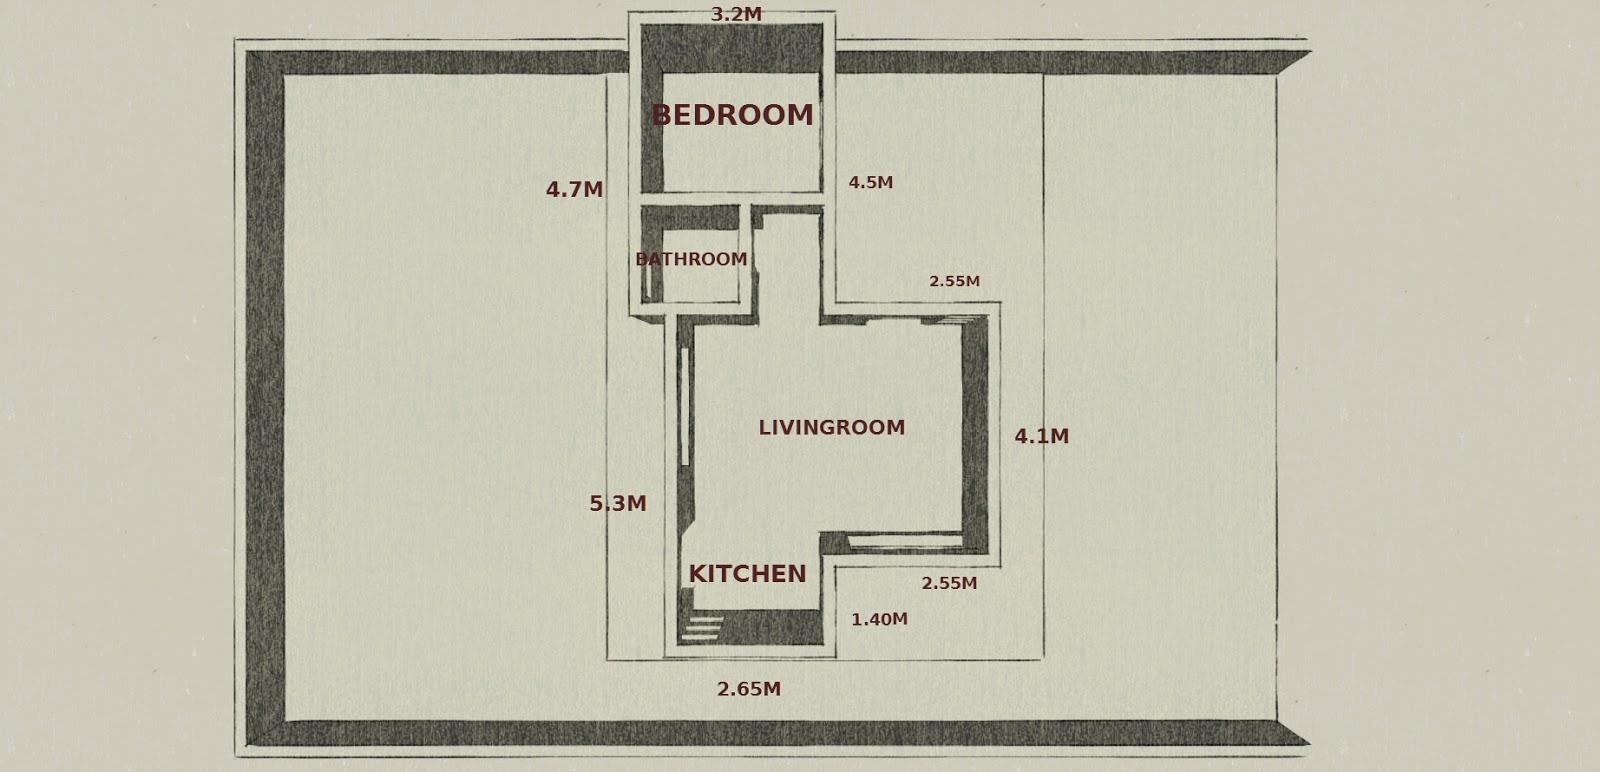 Plano de apartamento de una habitaci n de 40m2 for Diseno de apartamento de una habitacion